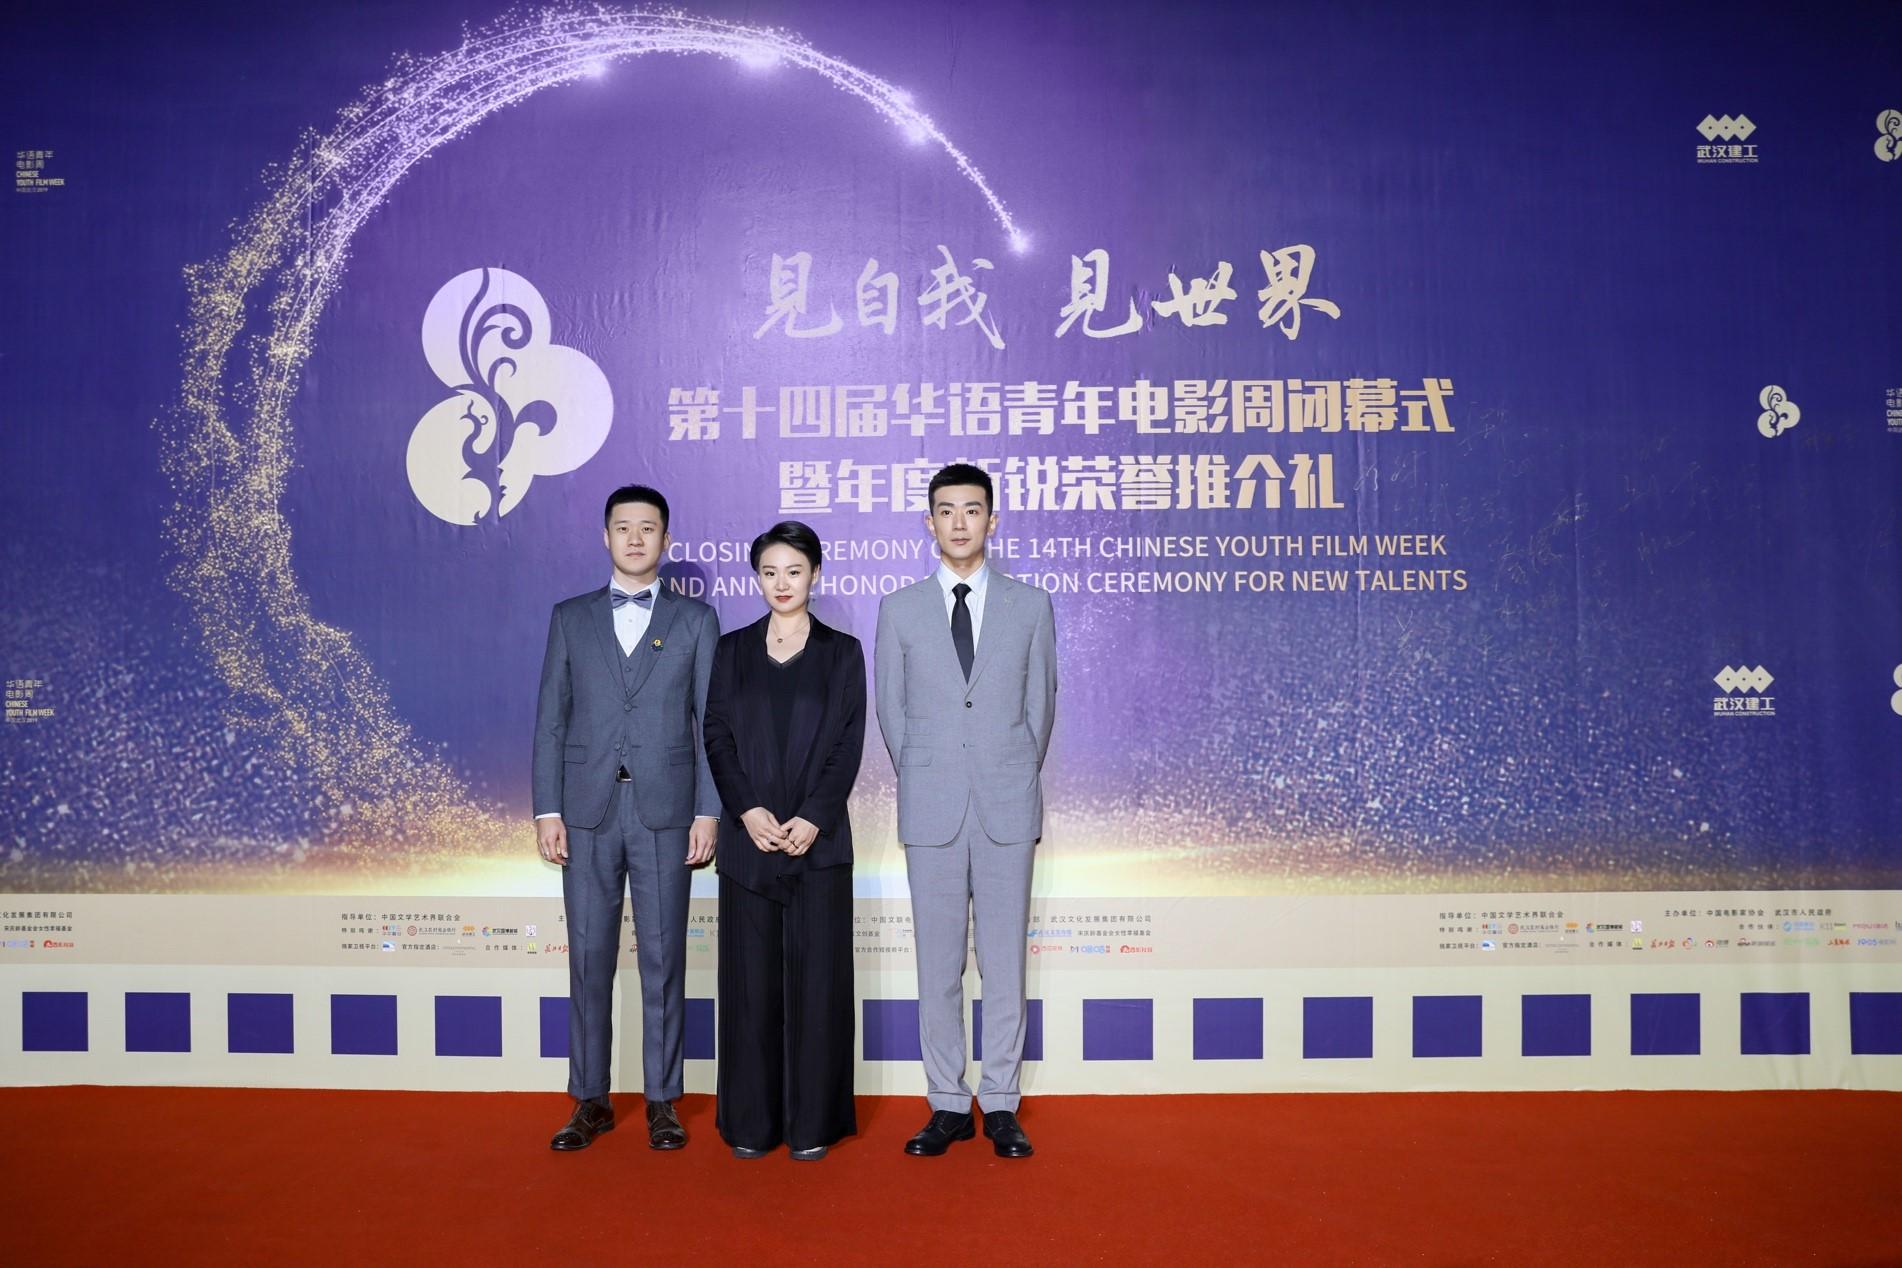 《通往春天的列车》李岷城荣获年度新锐男演员不忘初心认真对待每个角色